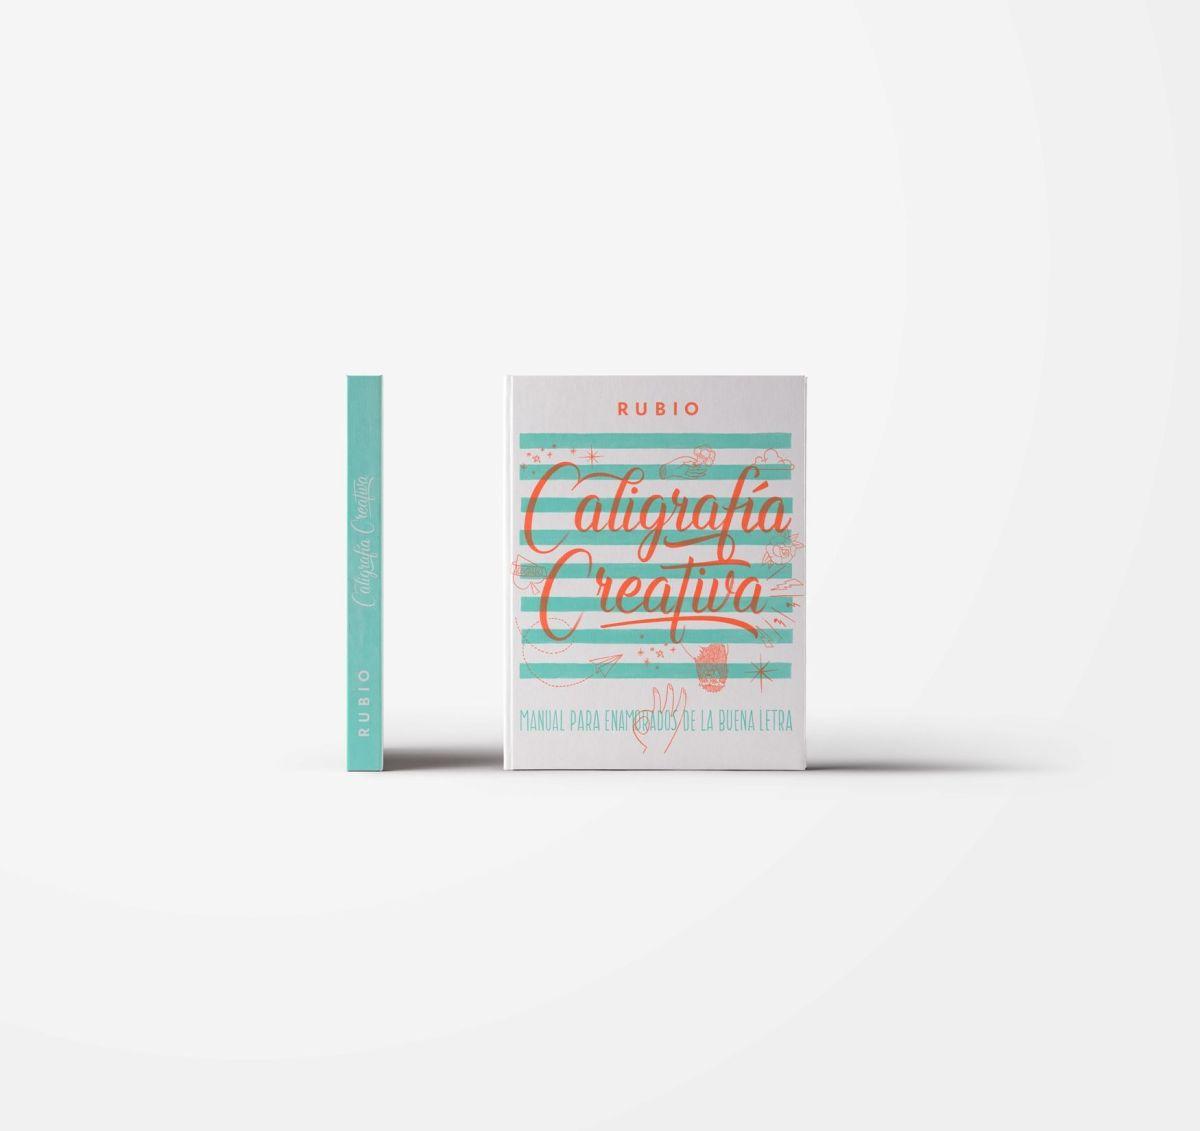 Caligrafía Creativa, el manual para los enamorados de la buena letra